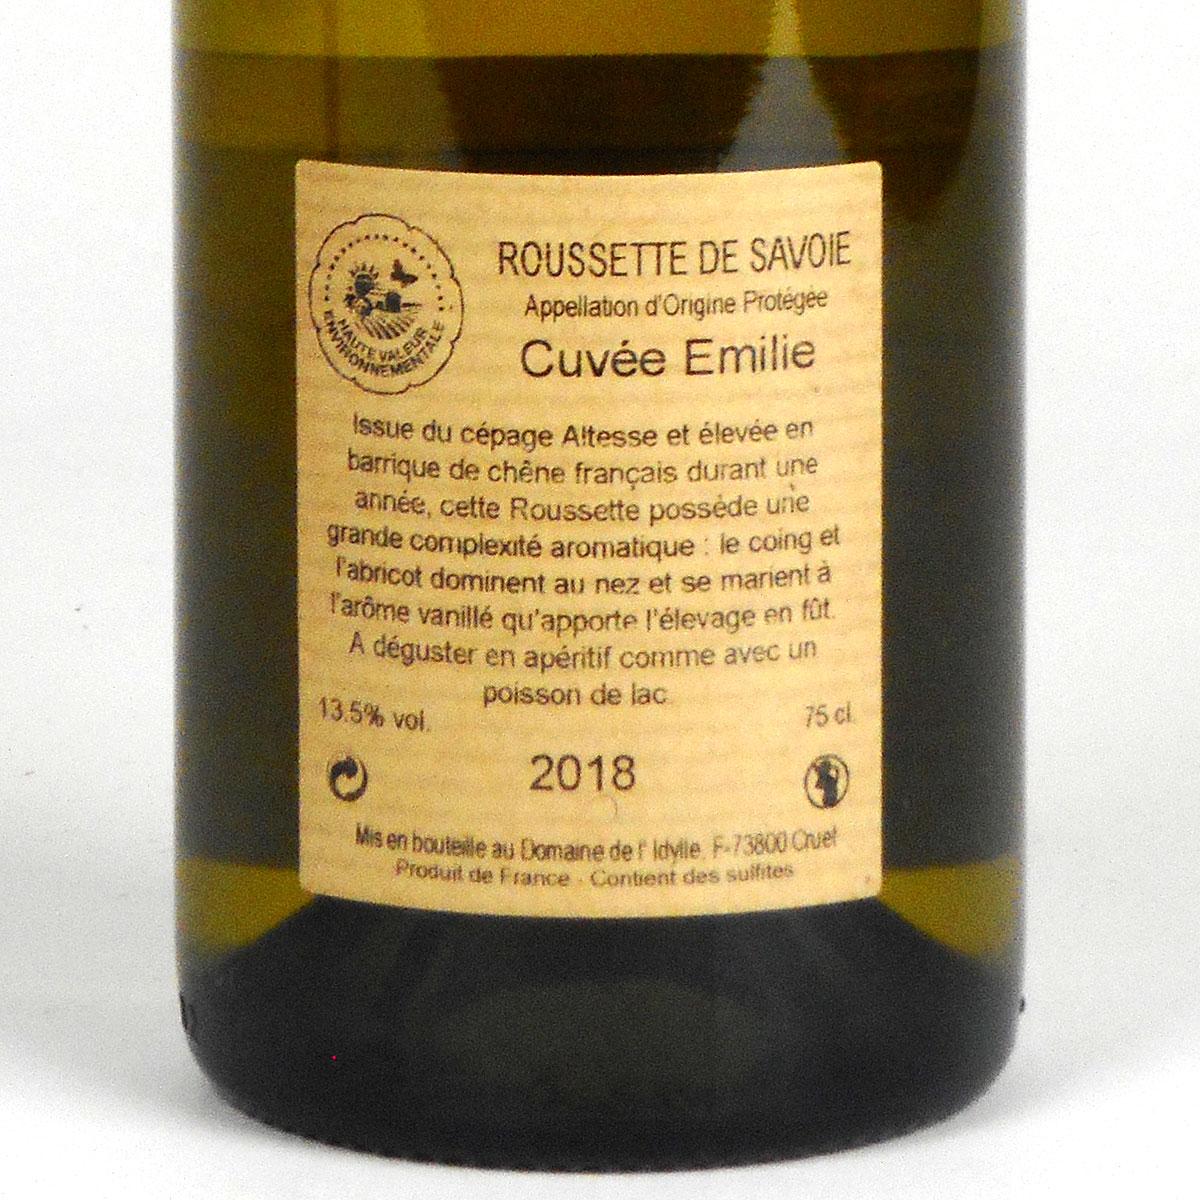 Savoie: Domaine de L'Idylle 'Cuvée Emilie' Roussette 2018 - Bottle Rear Label